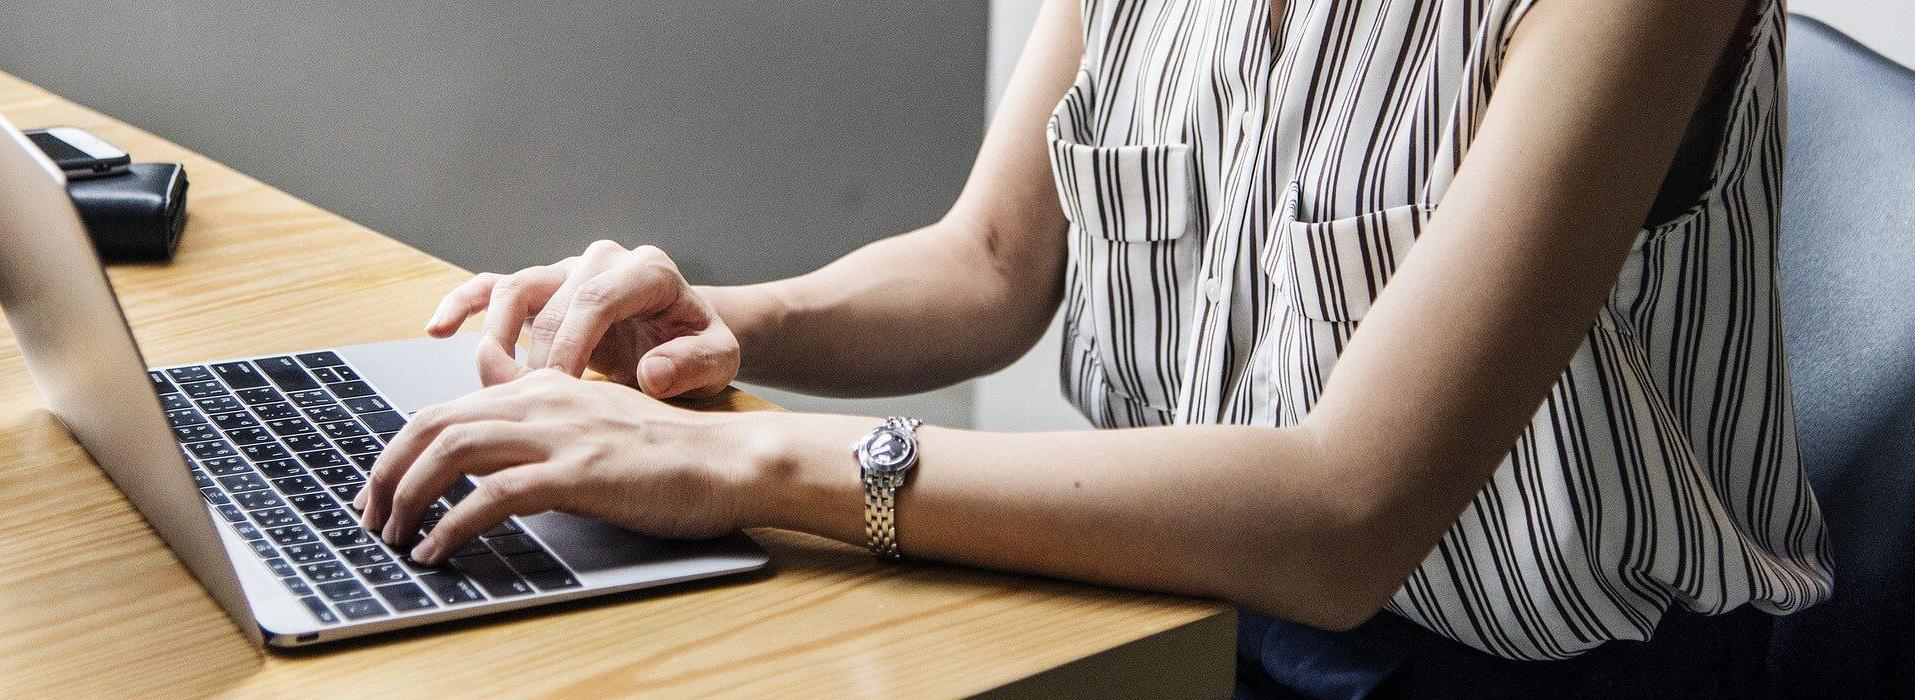 Frau auf der Tastatur eines Notebooks tippend header-bedienhinweise.jpg